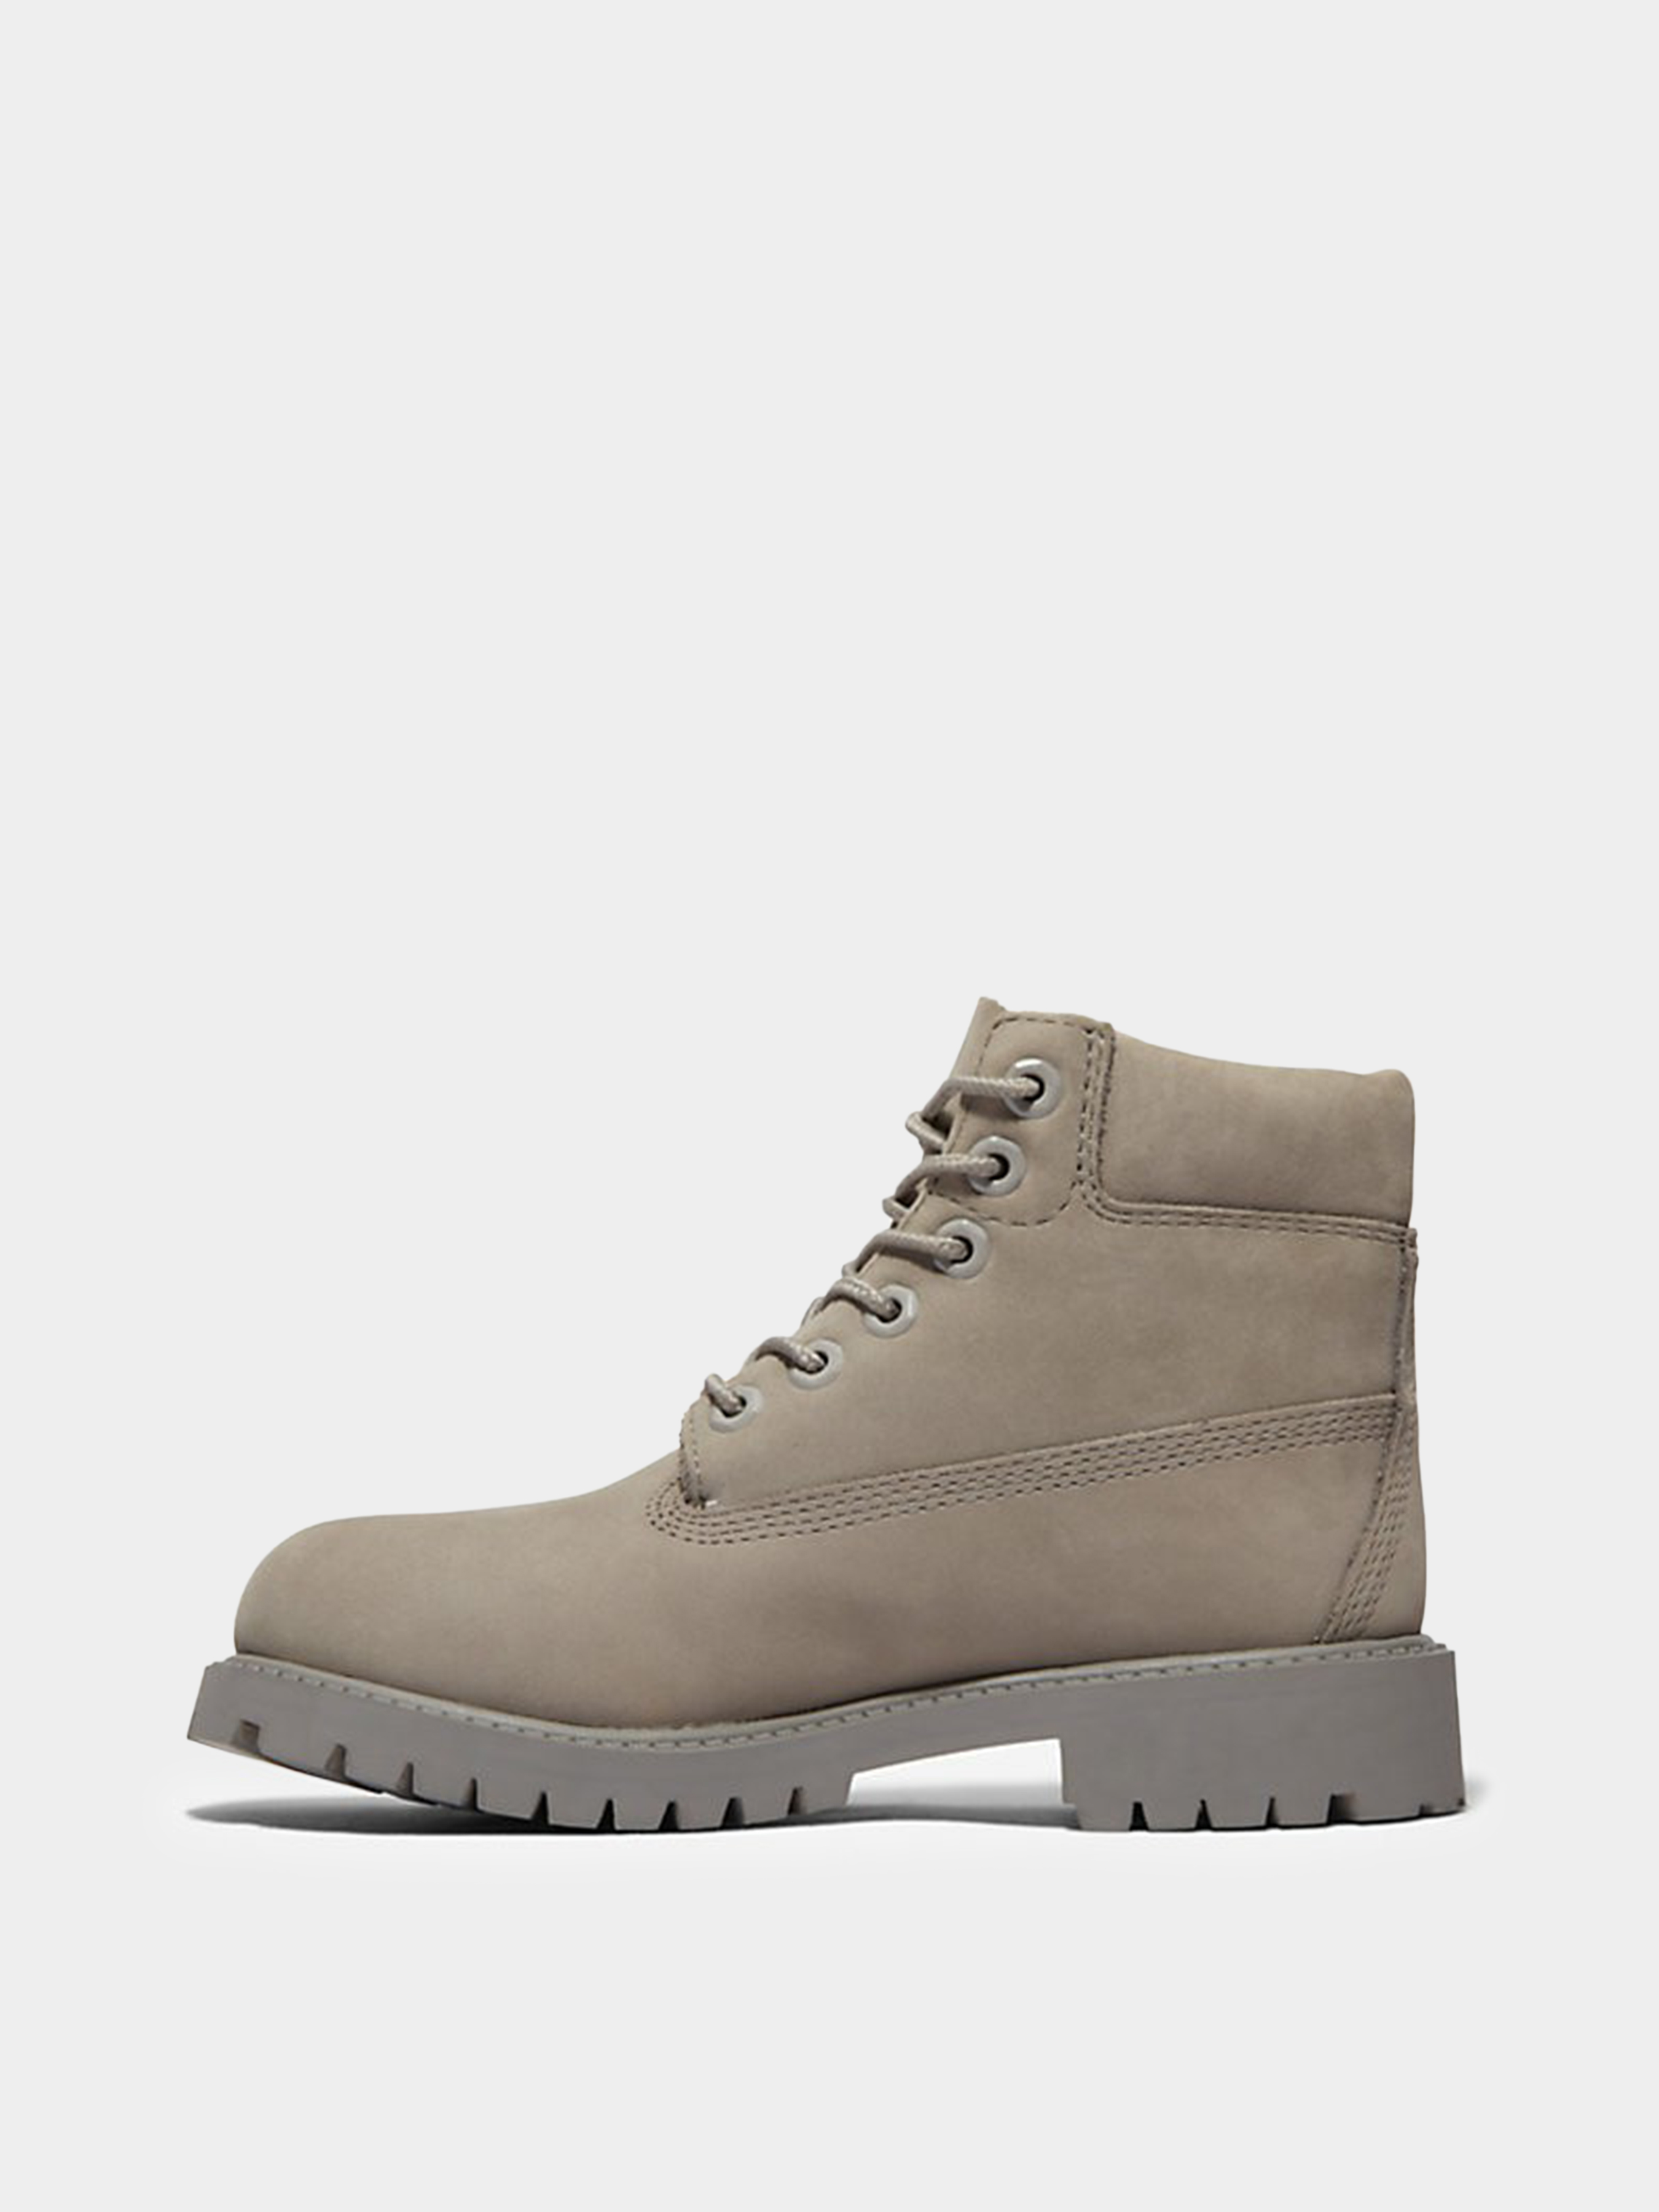 Ботинки для детей Timberland Timberland Premium TL1818 фото, купить, 2017